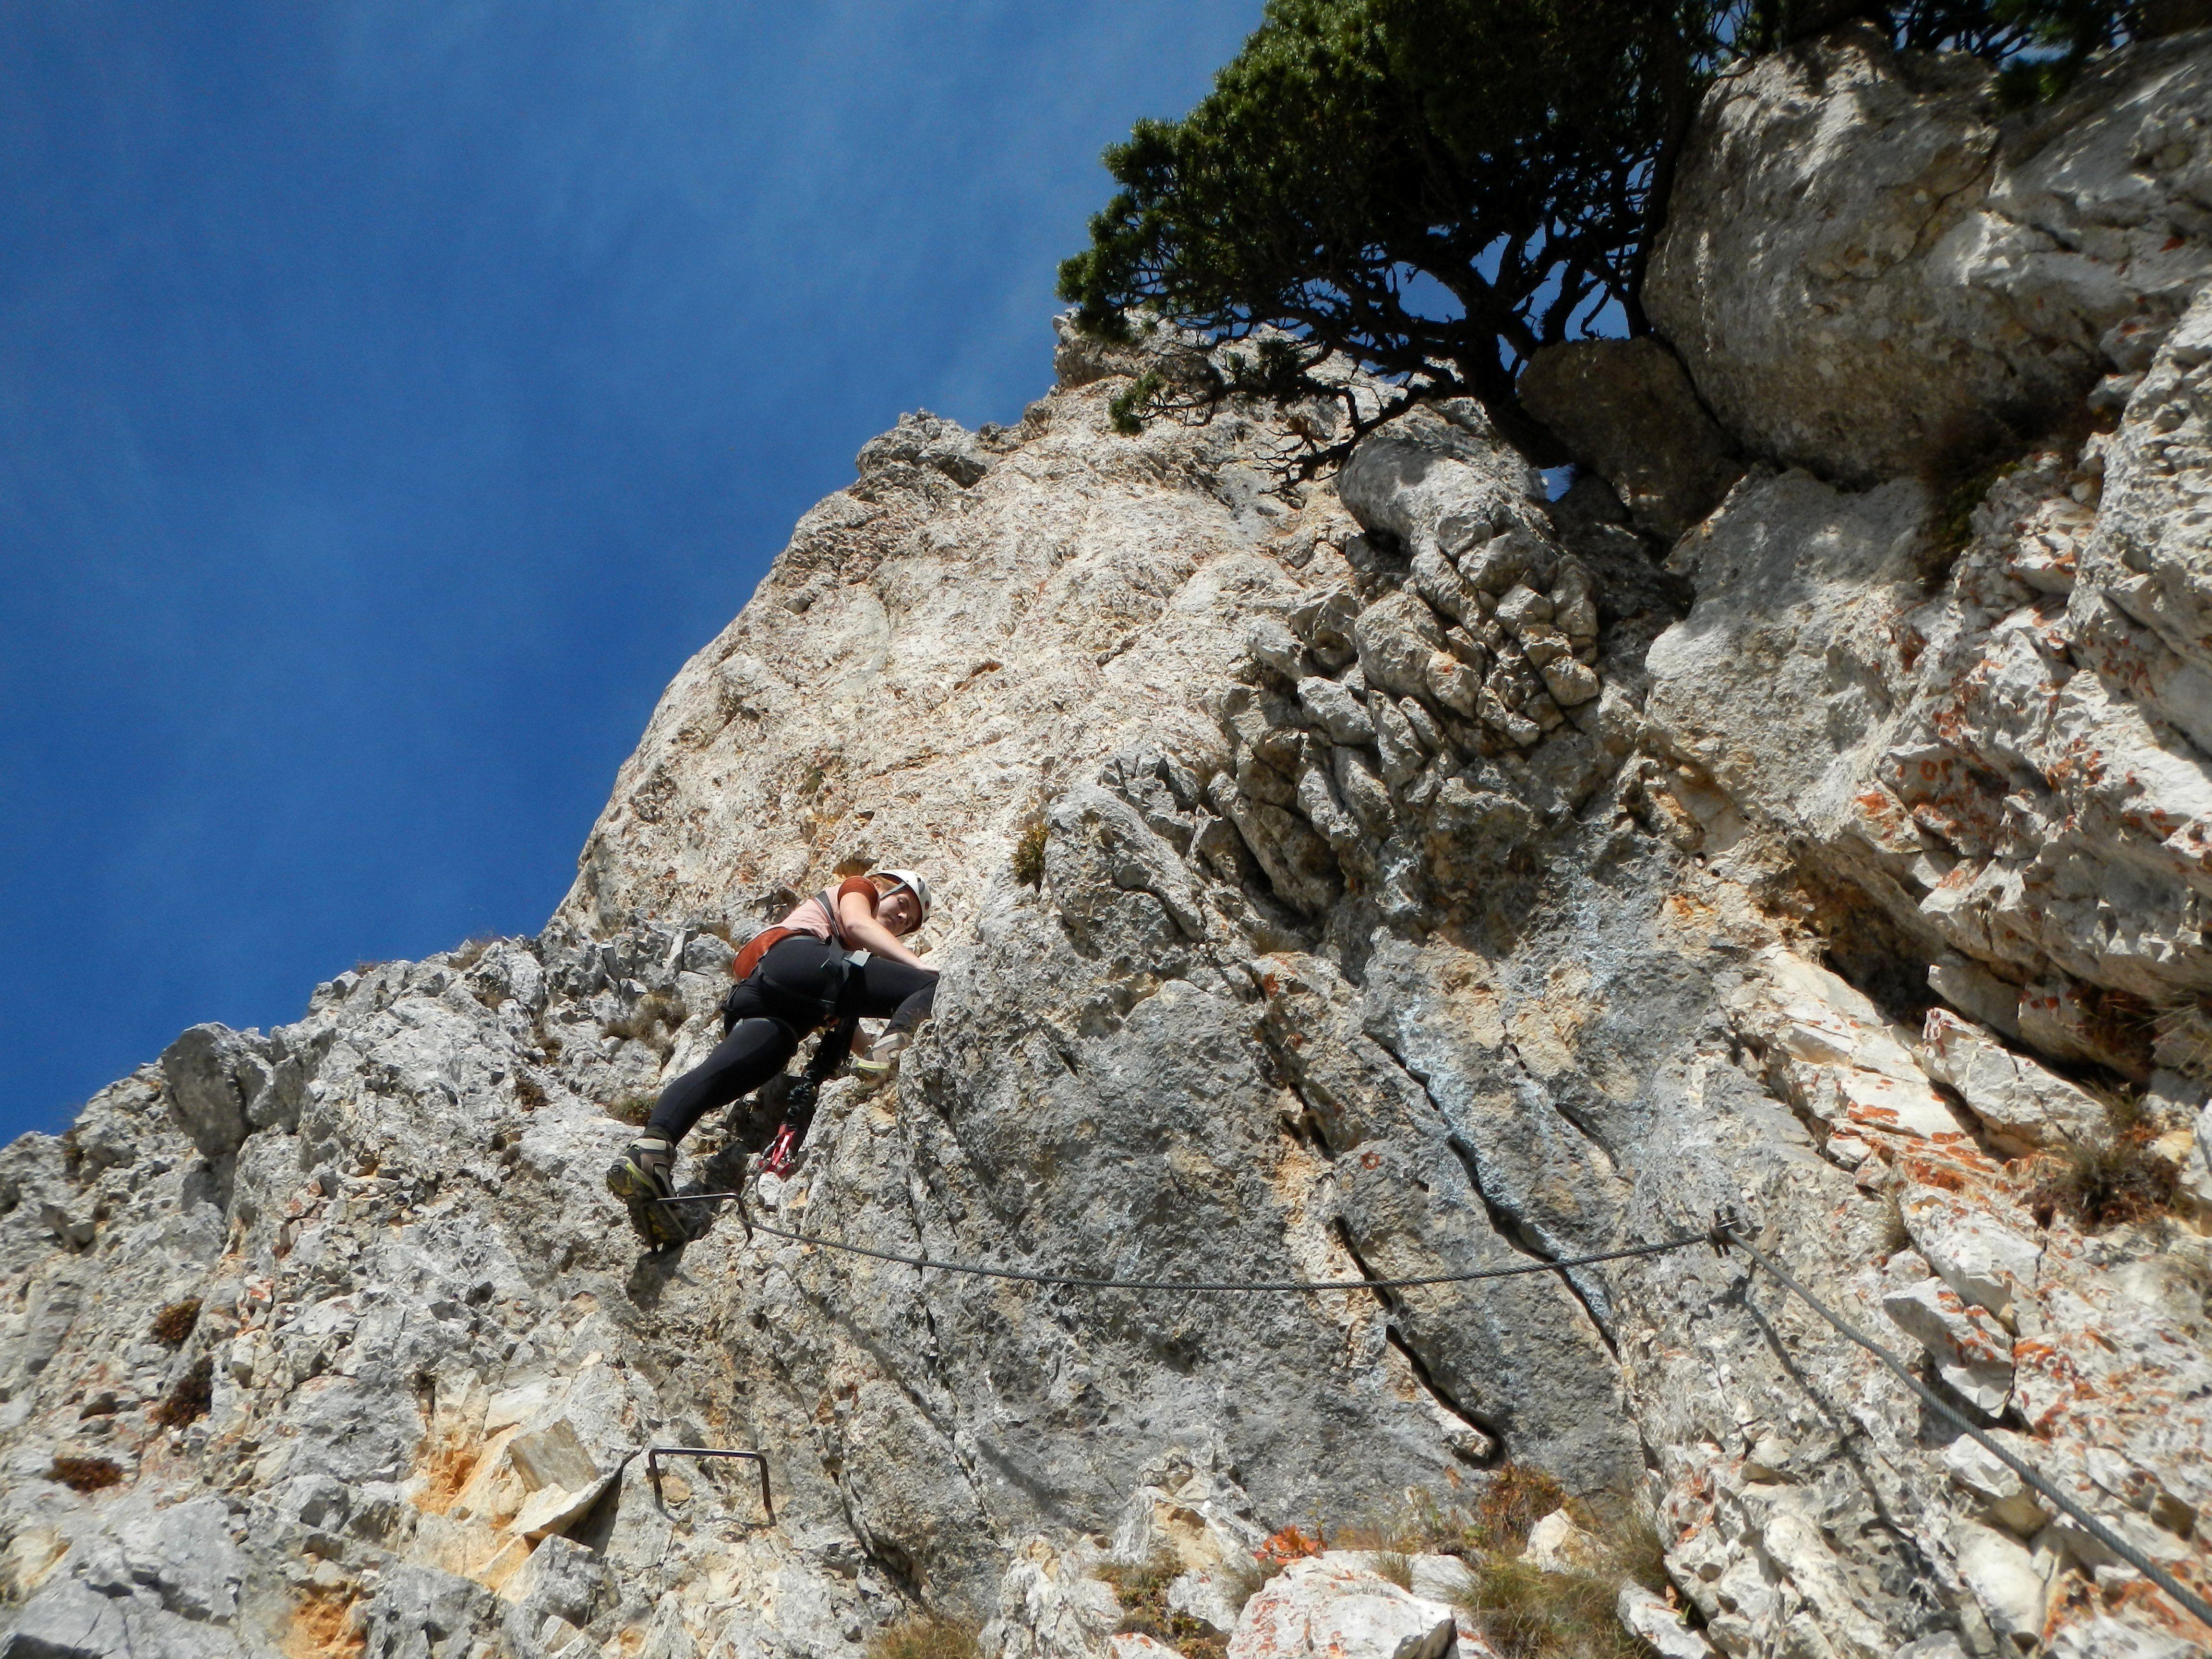 Klettersteig Rax : Austria rax ottohaus klettersteig visited places